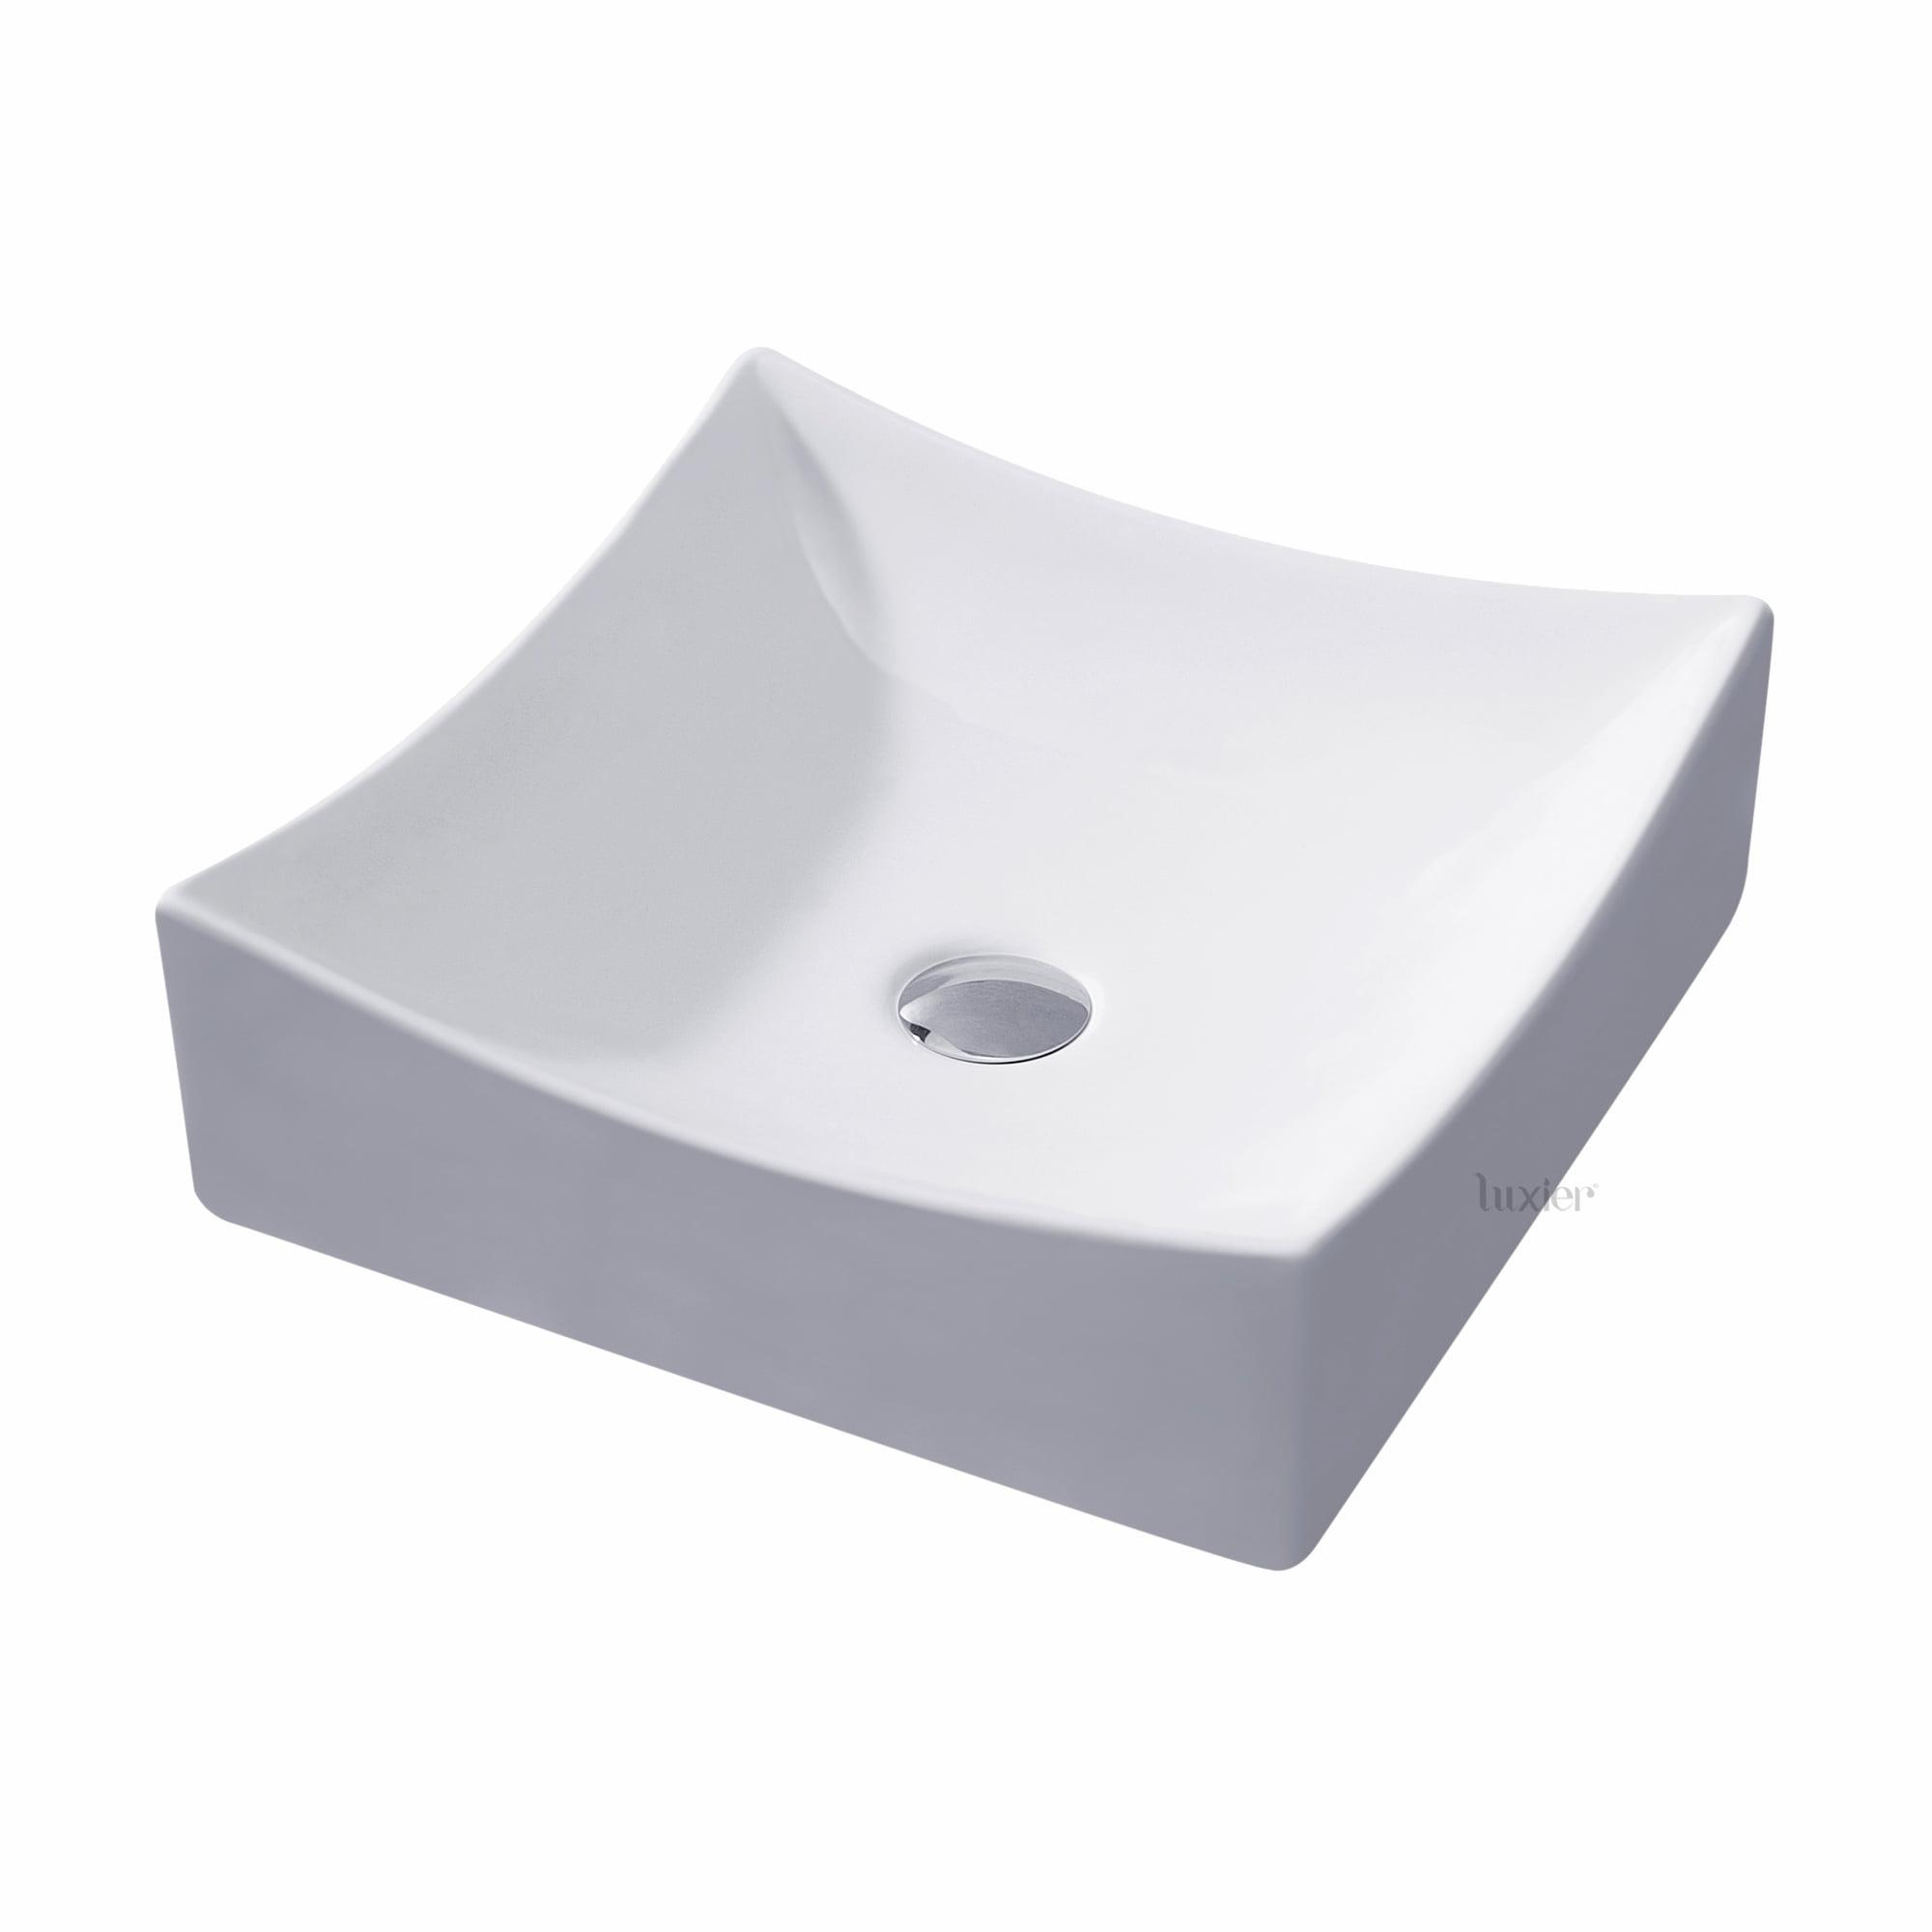 Partsmaster Pro Lavatory Sink Basin Hanger 58450